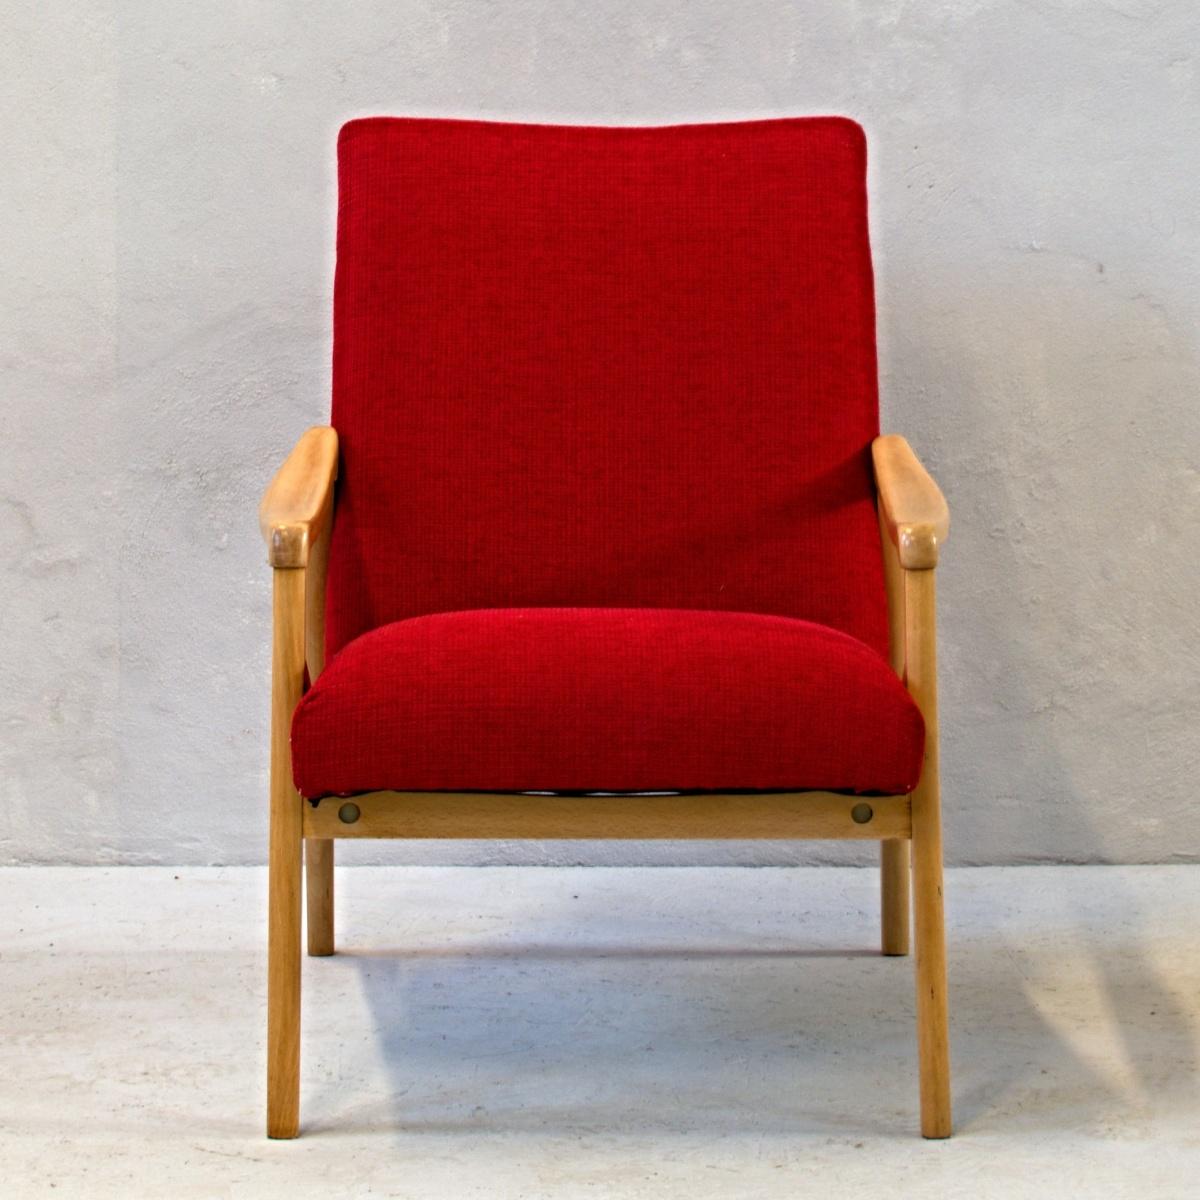 červené křeslo se světlými dřevěnými područkami retro